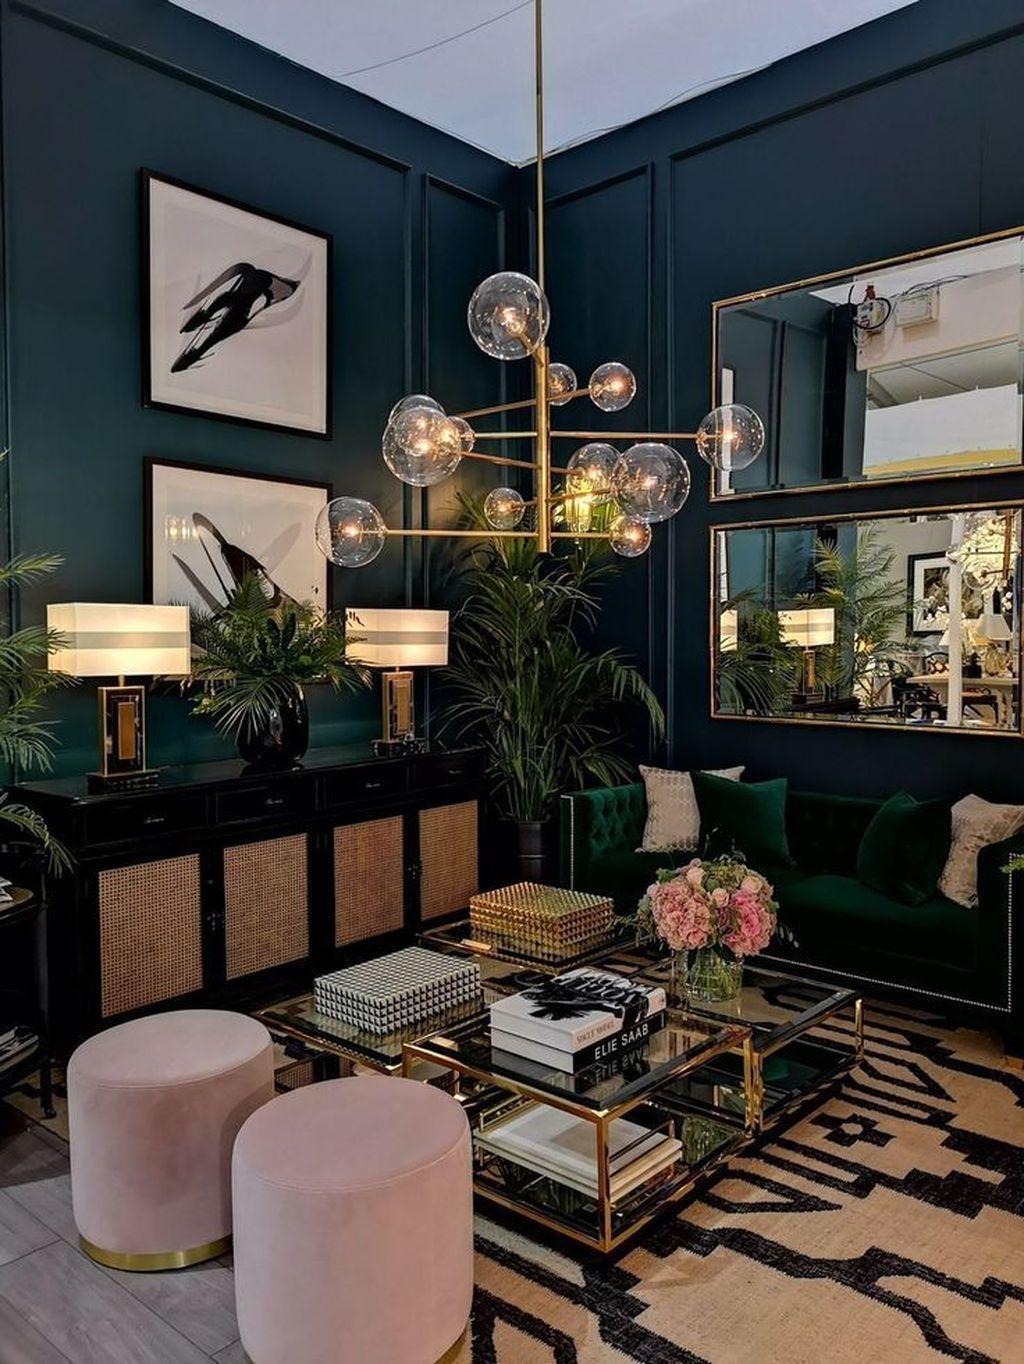 Amazing Contemporary Living Room Design Ideas You Should Copy 21